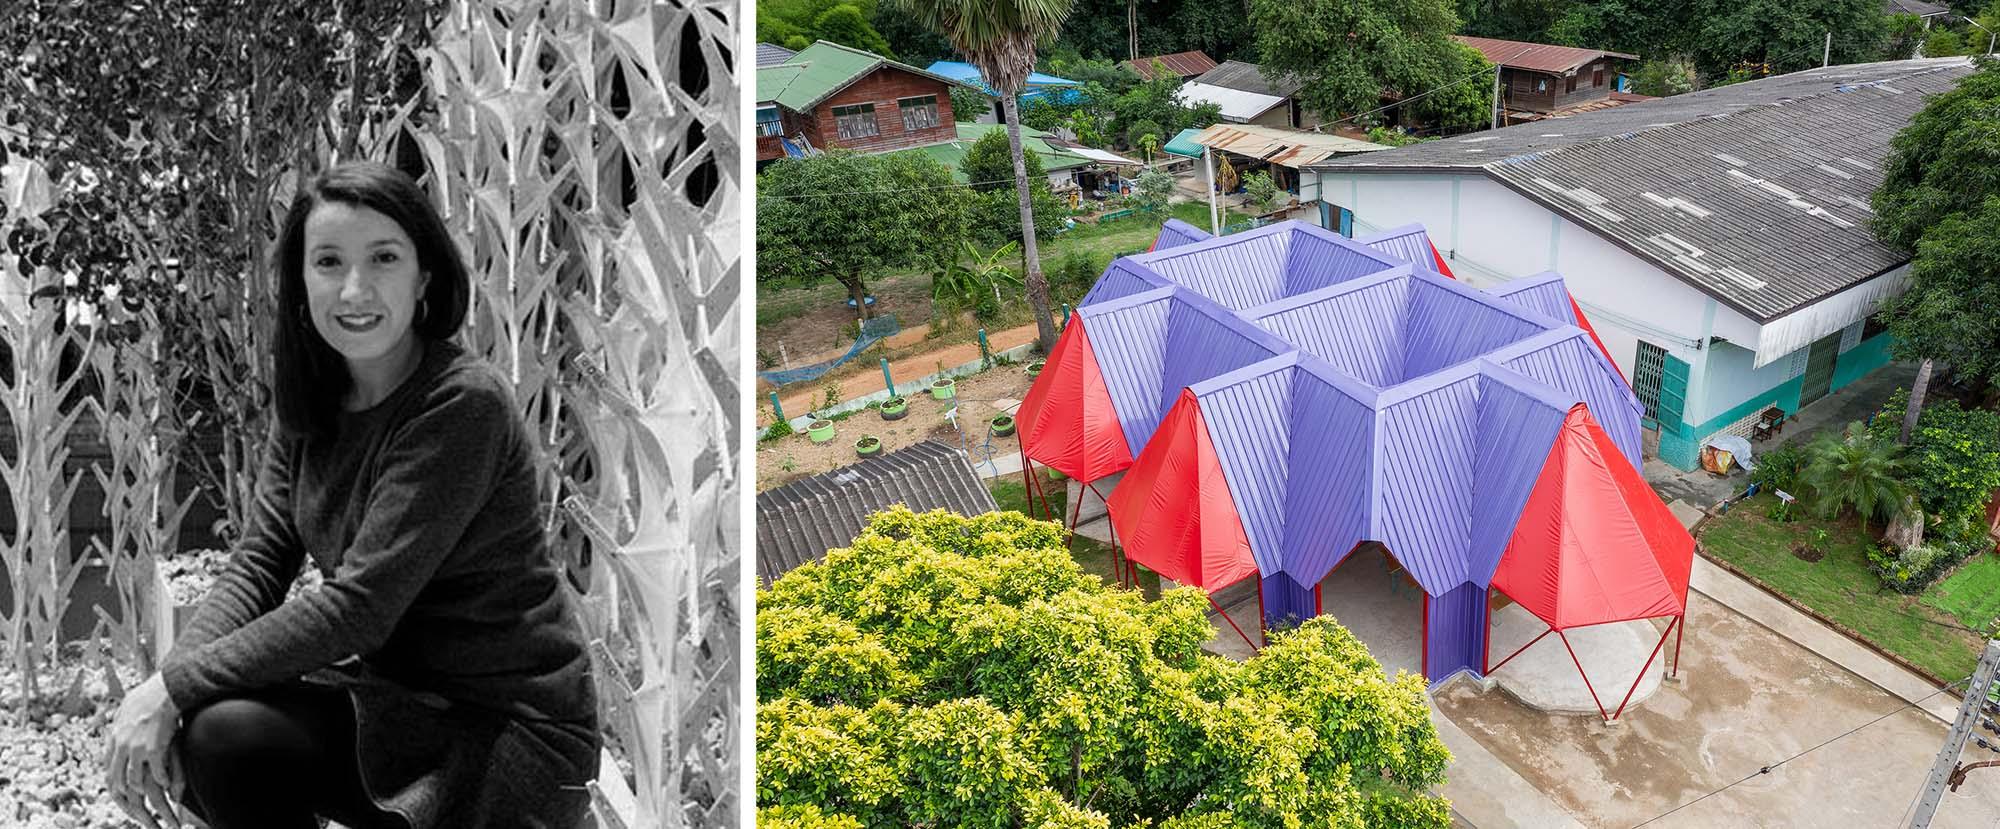 Trái: Déborah López, Castroventosa; Phải: Pylonesque, Trường Ban Wang Toey, Thái Lan. Người chiến thắng giải thưởng A + năm 2020 trong hạng mục Kiến trúc + Cấp nước sinh hoạt